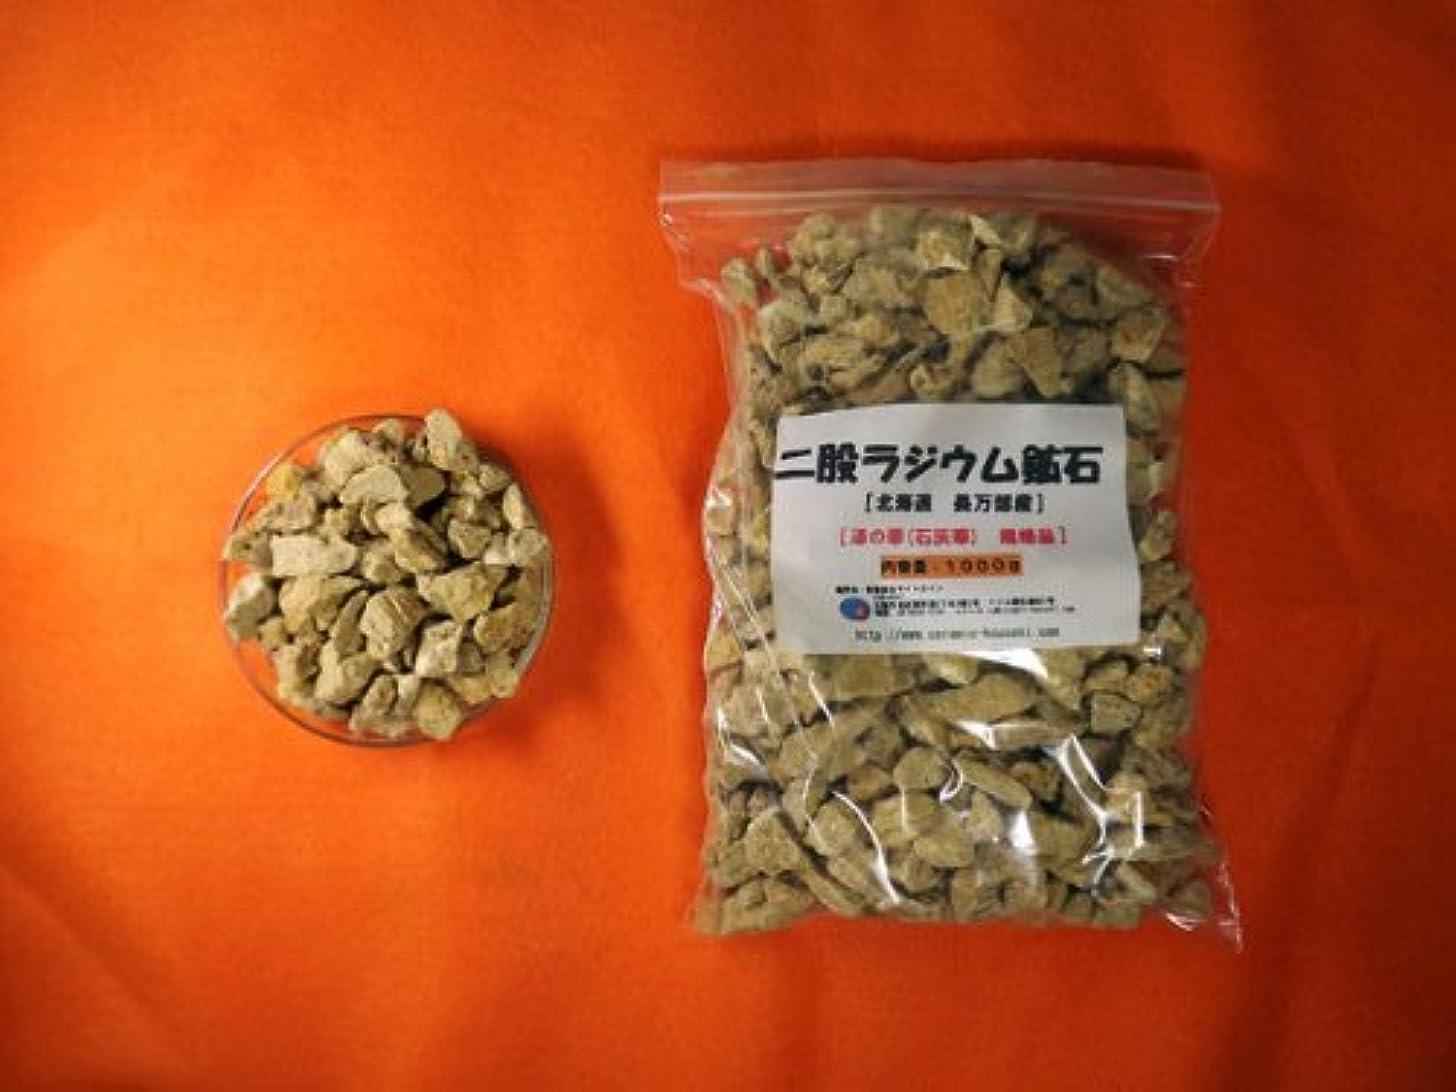 ボットスタッフ食事を調理する二股ラジウム鉱石 湯の華 [北海道 長万部産]1000g